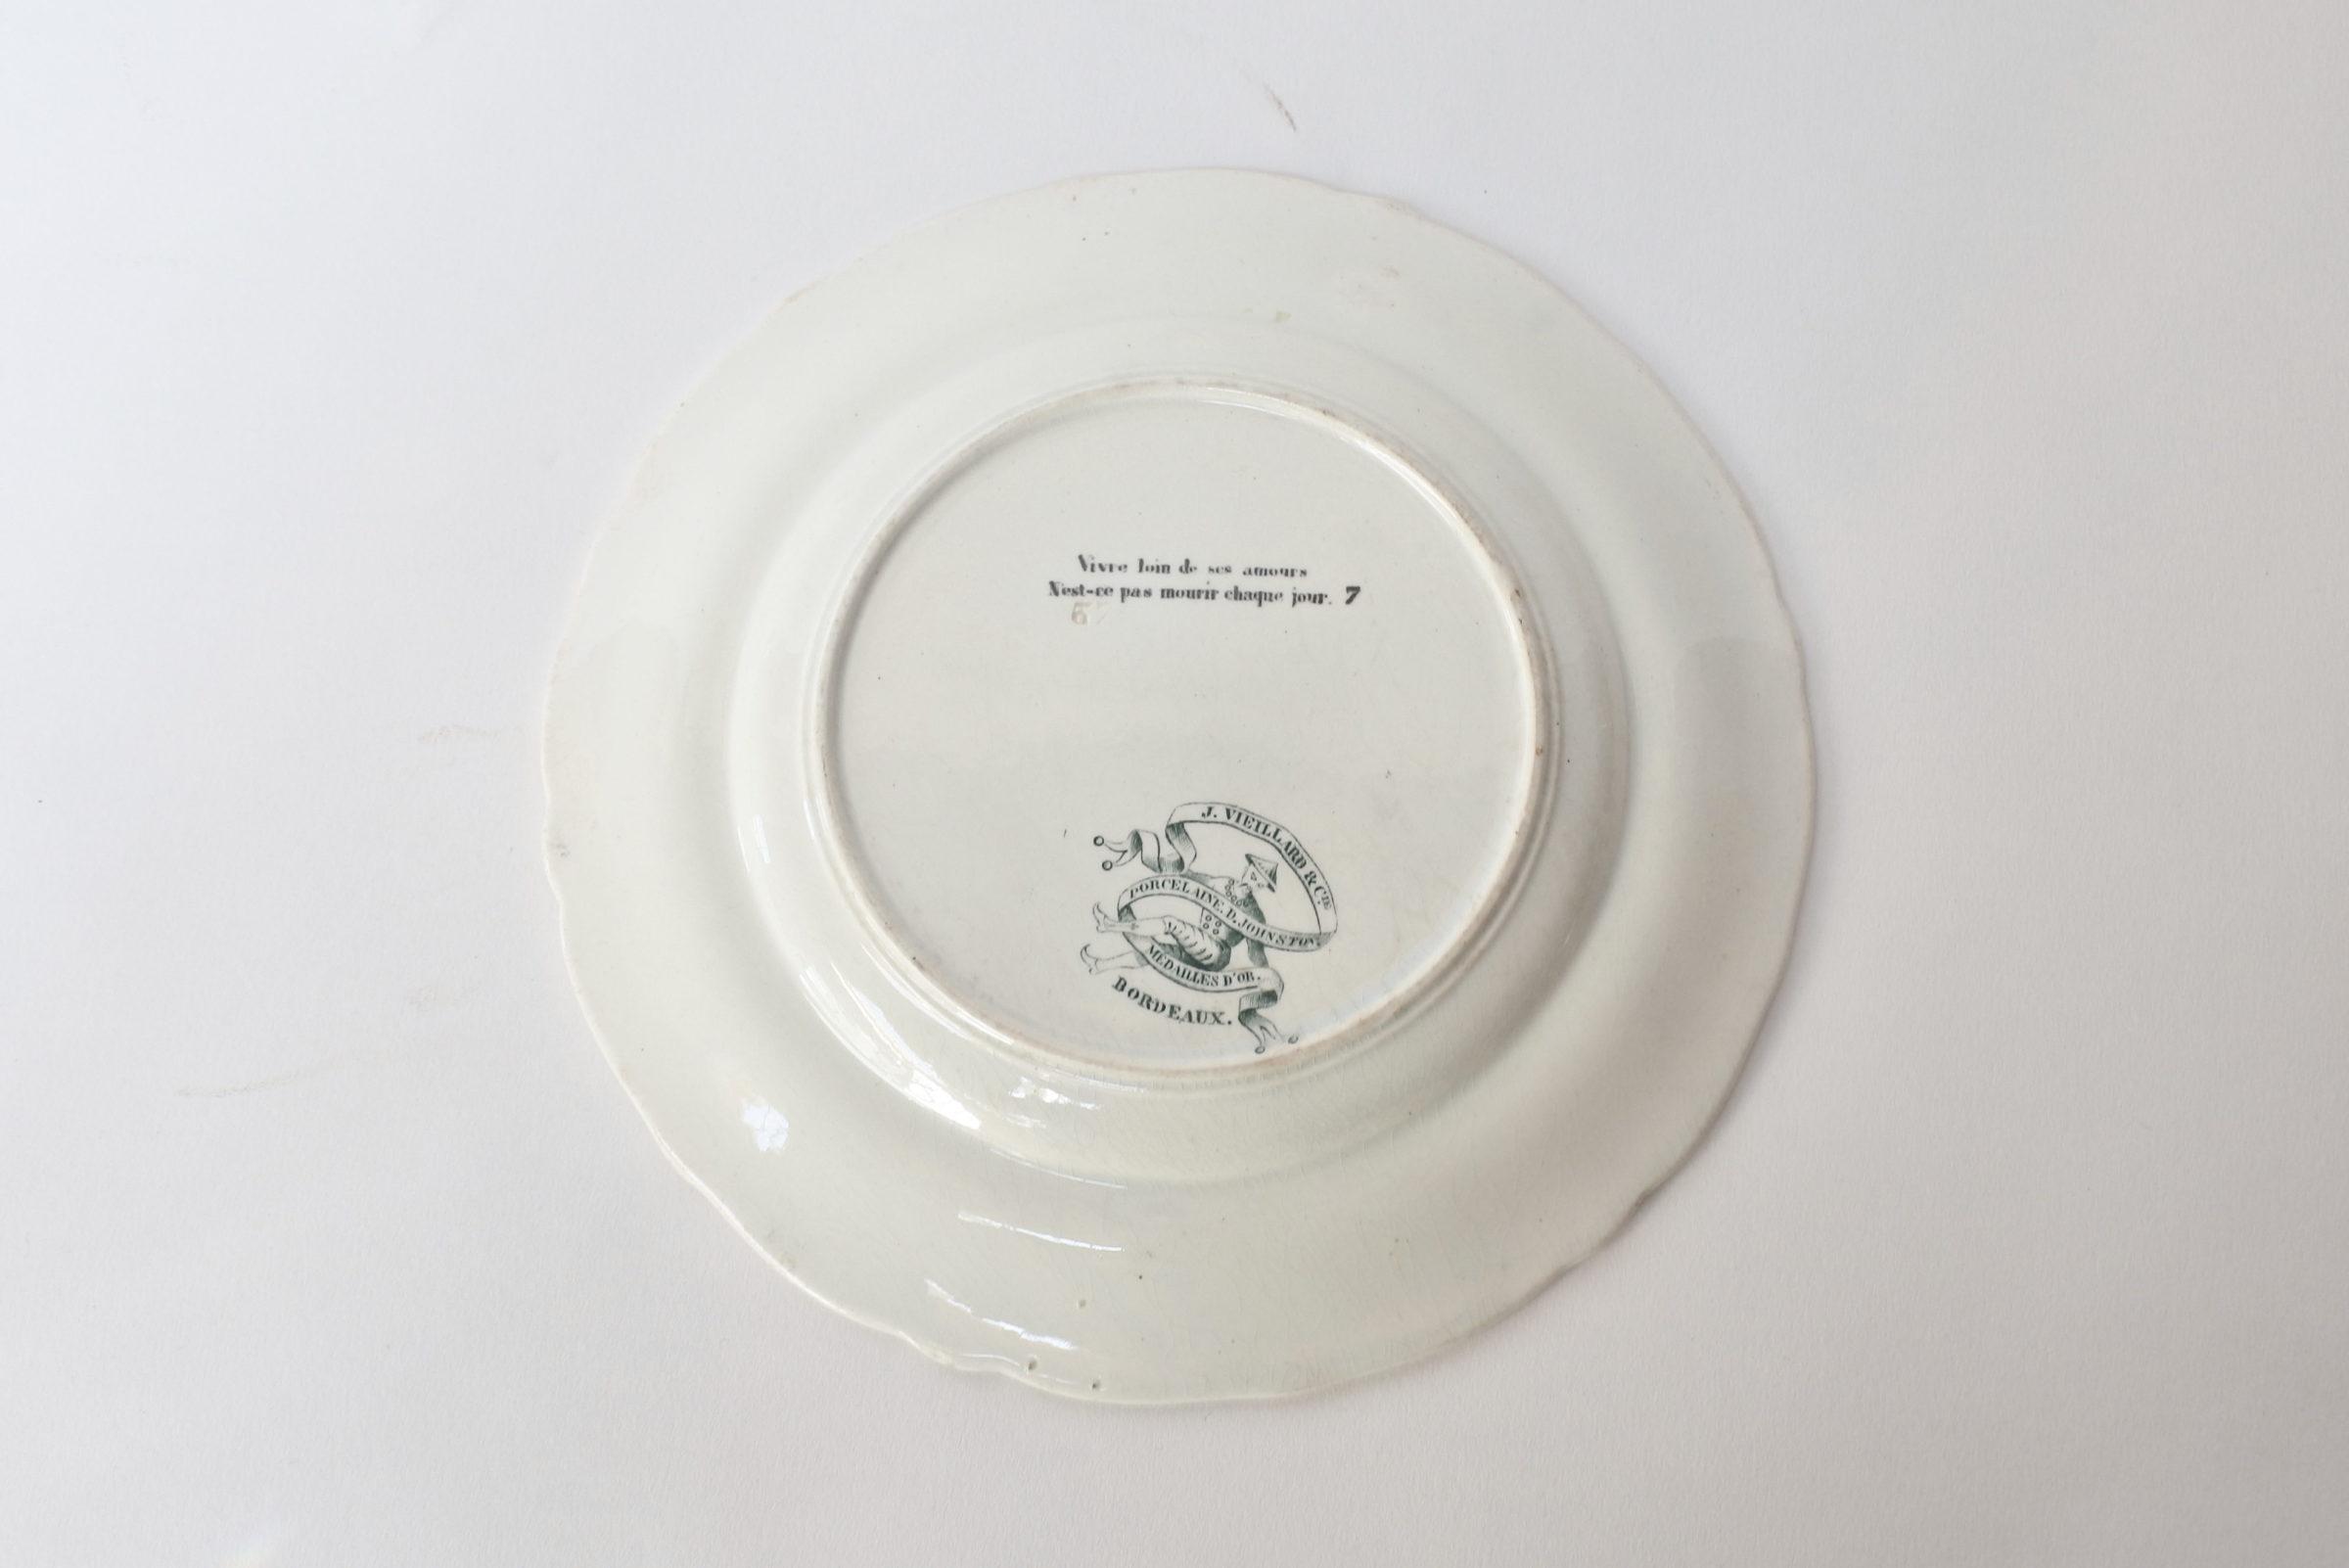 Piatto in ceramica con cornice verde decorato con rebus - decoro n° 7 - 2